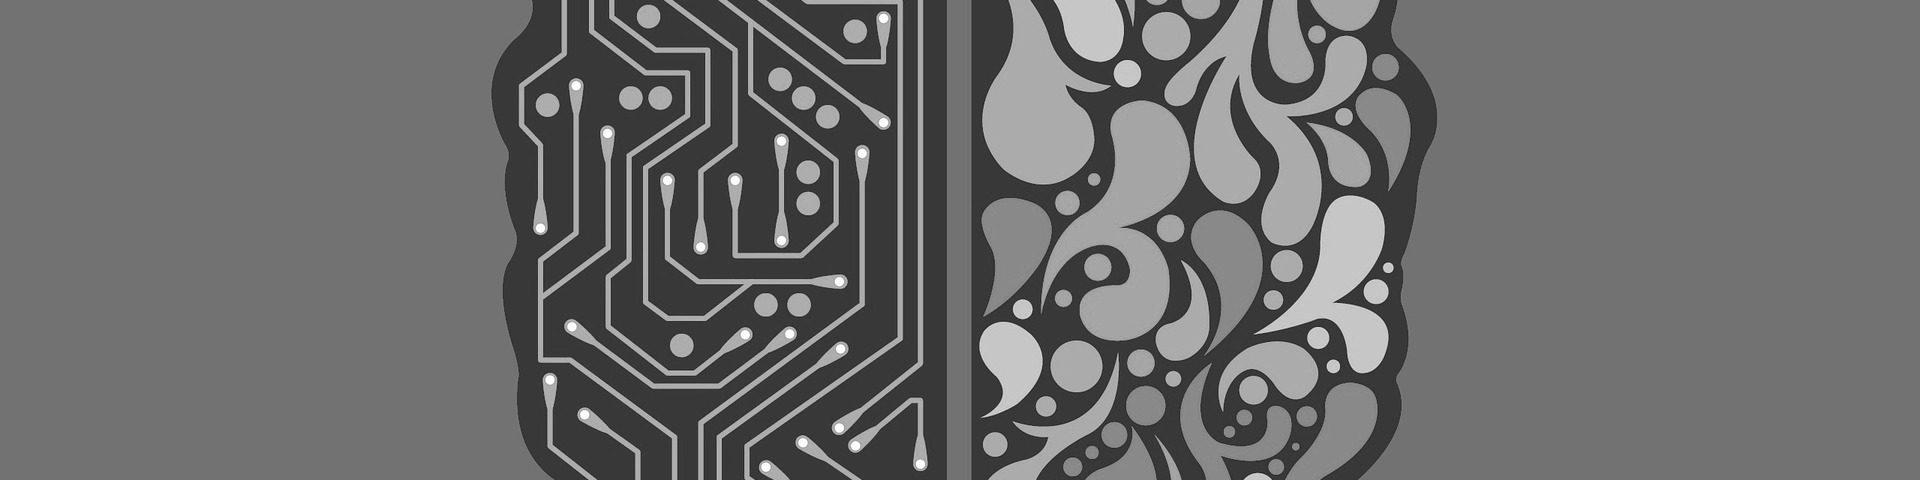 Die Geschichte des Androiden mit dem menschlichen Verstand, der in einer außergewöhnlichen Welt vor zahlreiche Entscheidungen gestellt wird. Episodenübersicht: Simuliertes Glück, der erste Tag, Help-Bot, Nr. 299, Valerys Offenbarung, Die oberste Etage